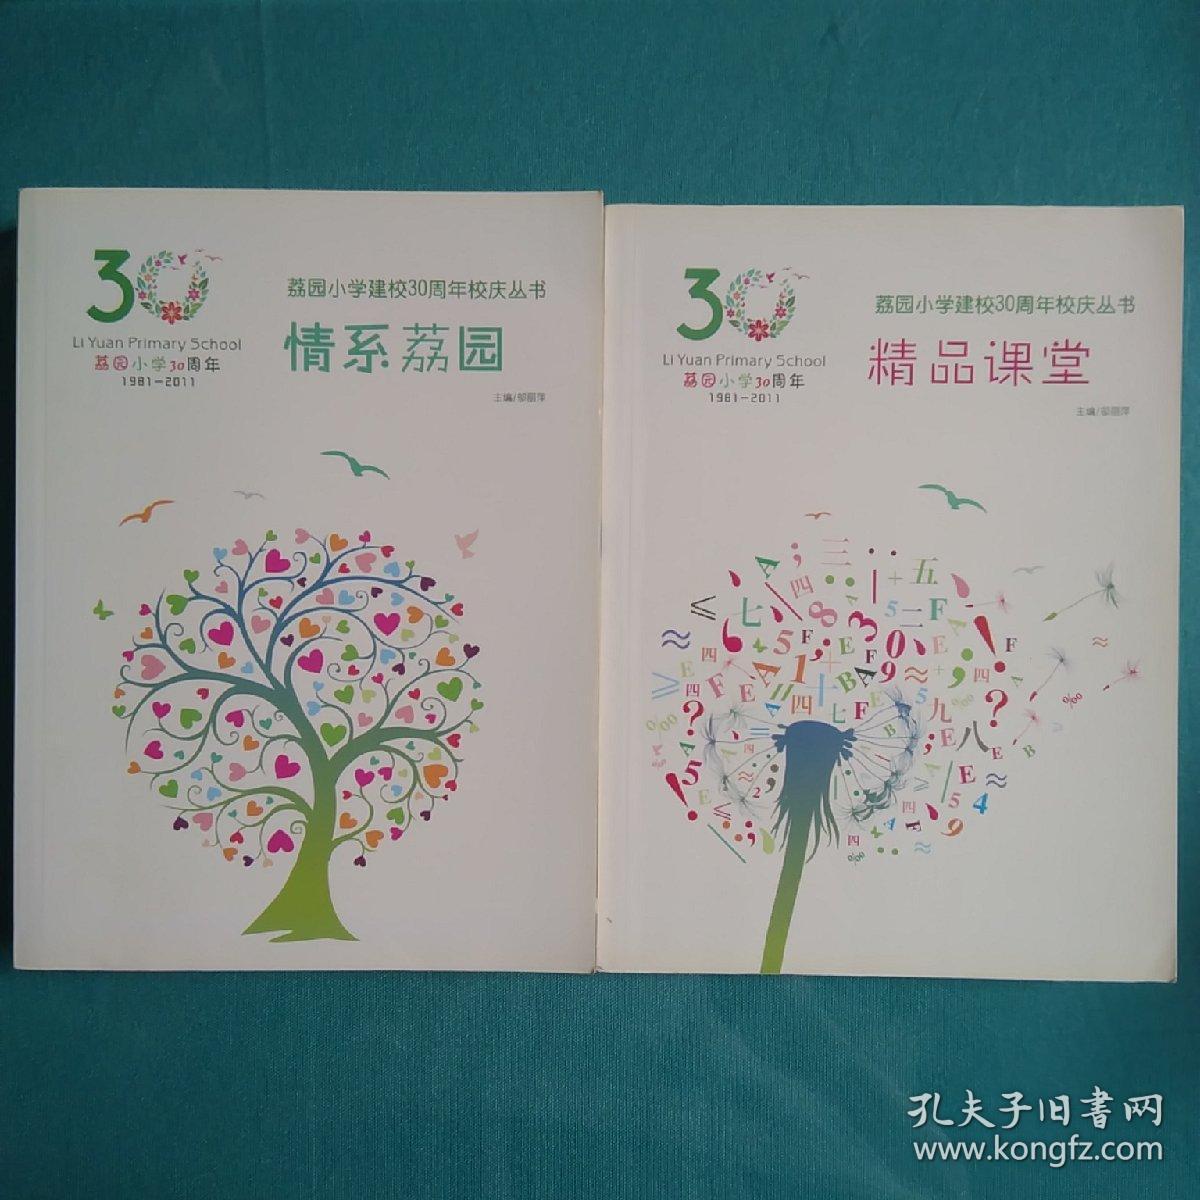 荔园小学建校30周年校庆丛书-情系荔园,精品课堂